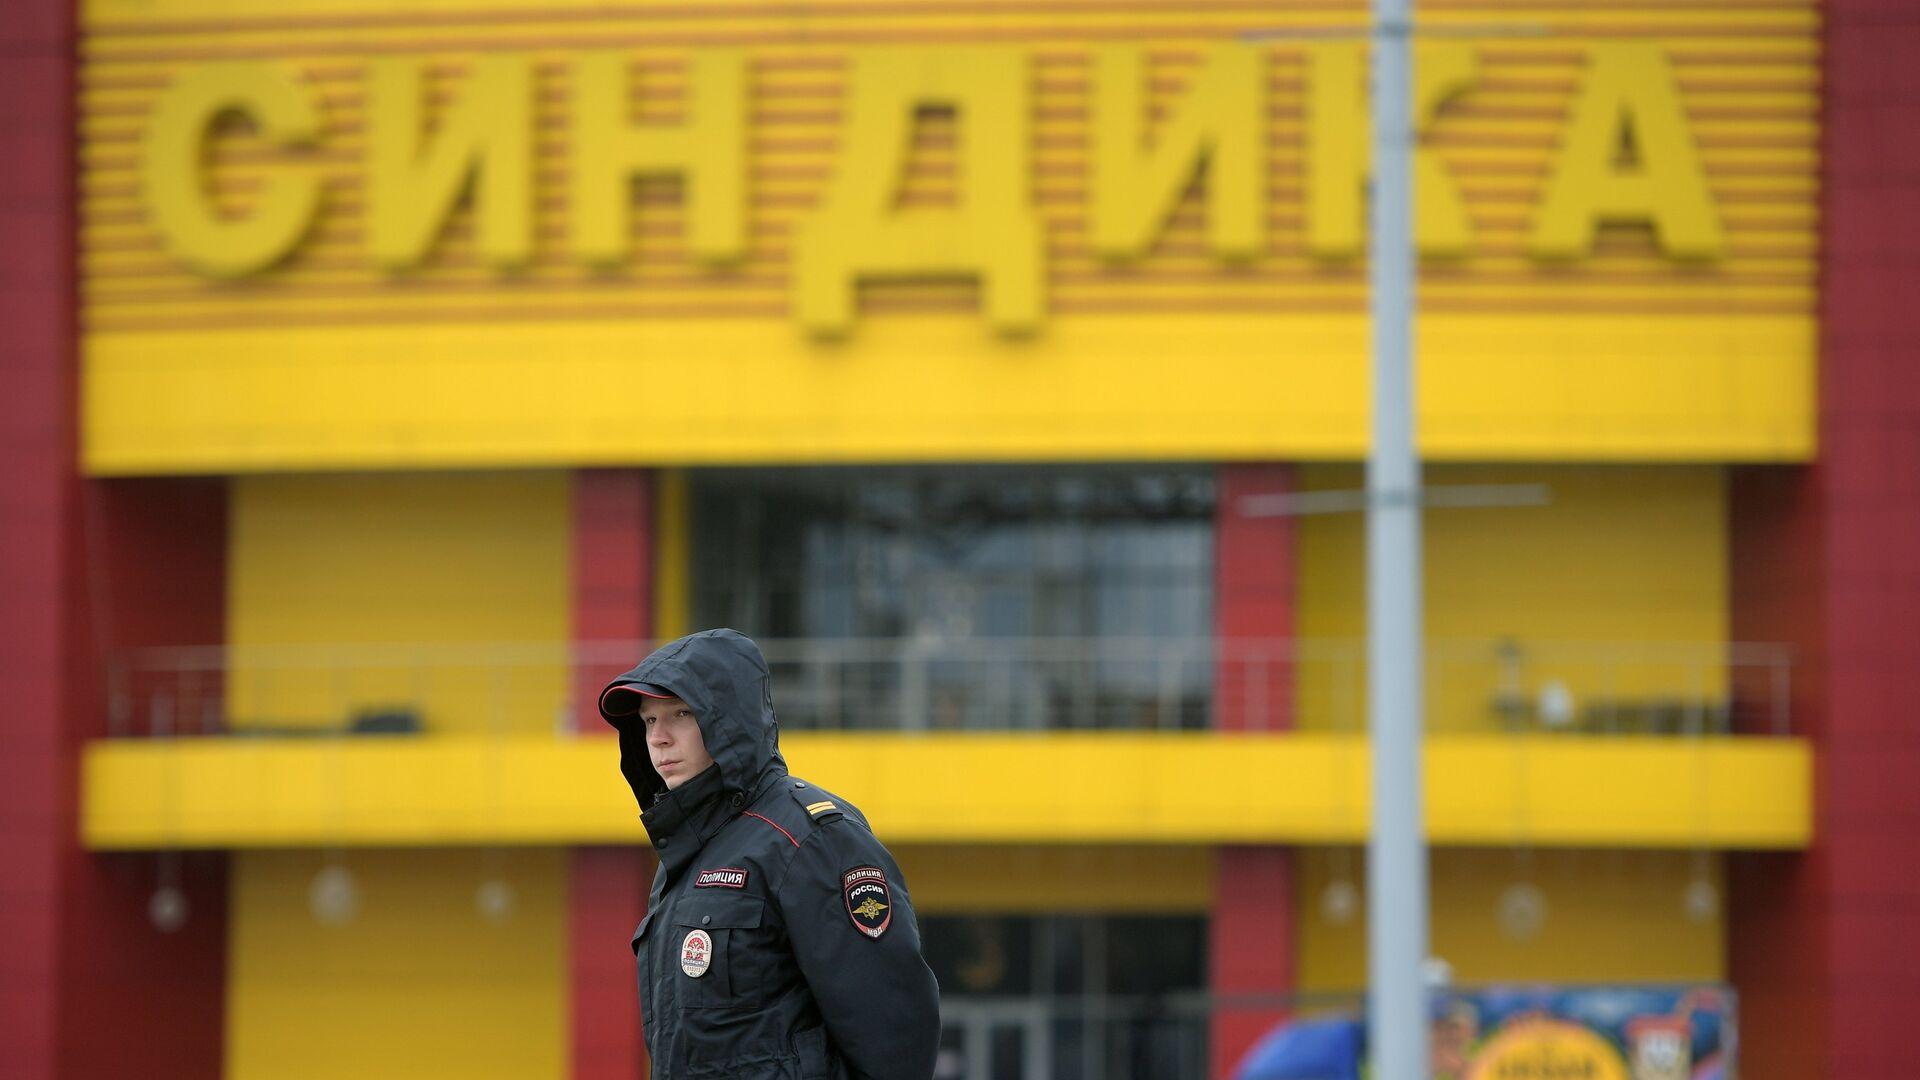 Сотрудник полиции на месте ликвидации последствий пожара на строительном рынке Синдика - РИА Новости, 1920, 11.06.2021